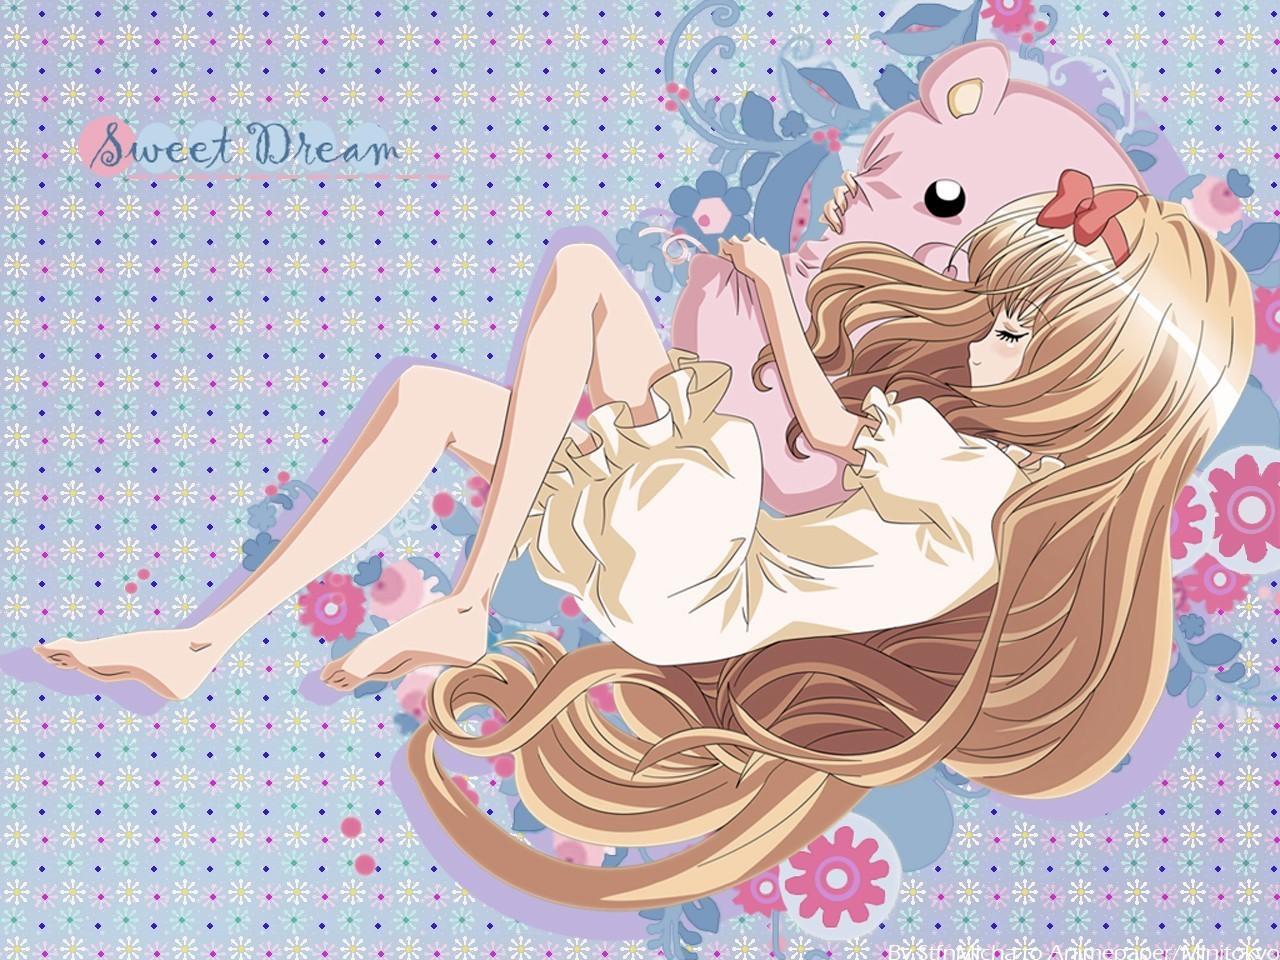 http://1.bp.blogspot.com/-19obvoYIb2M/Tkp-nlsrXCI/AAAAAAAAAN8/mFXLZRYa3ek/s1600/Sweet-Dream-shugo-chara-7072925-1280-960.jpg